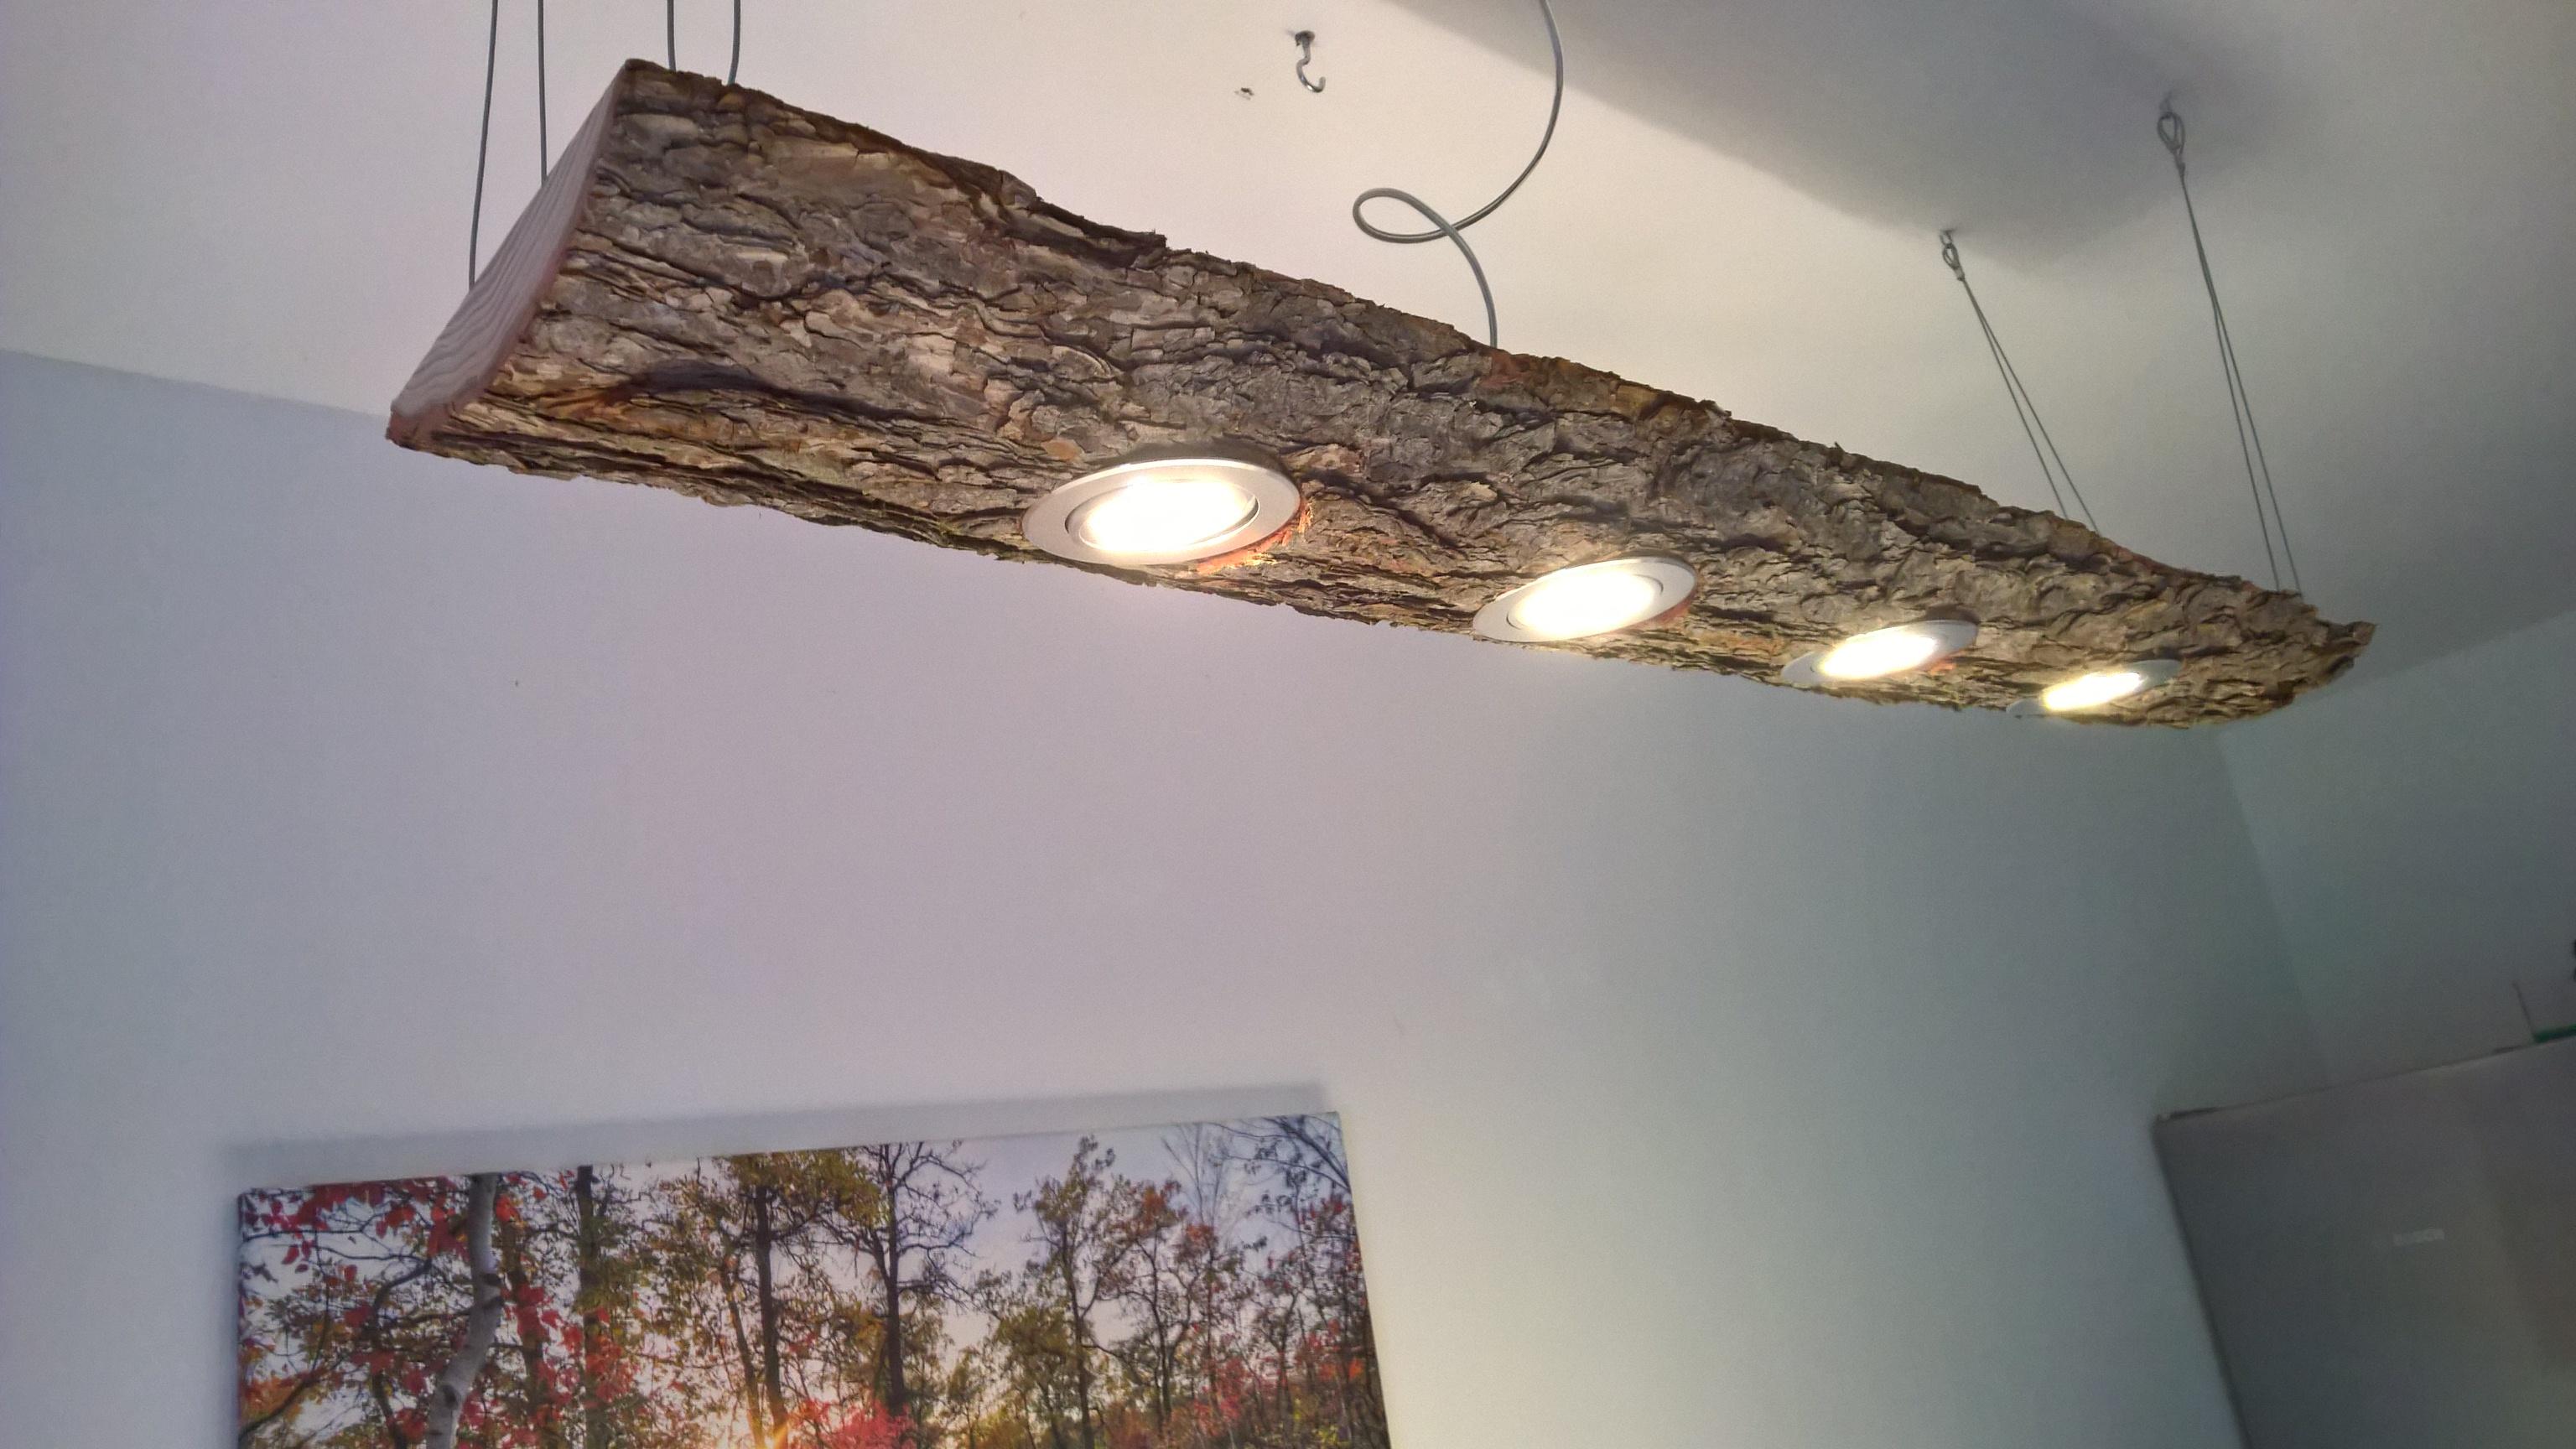 Lärchenlampe